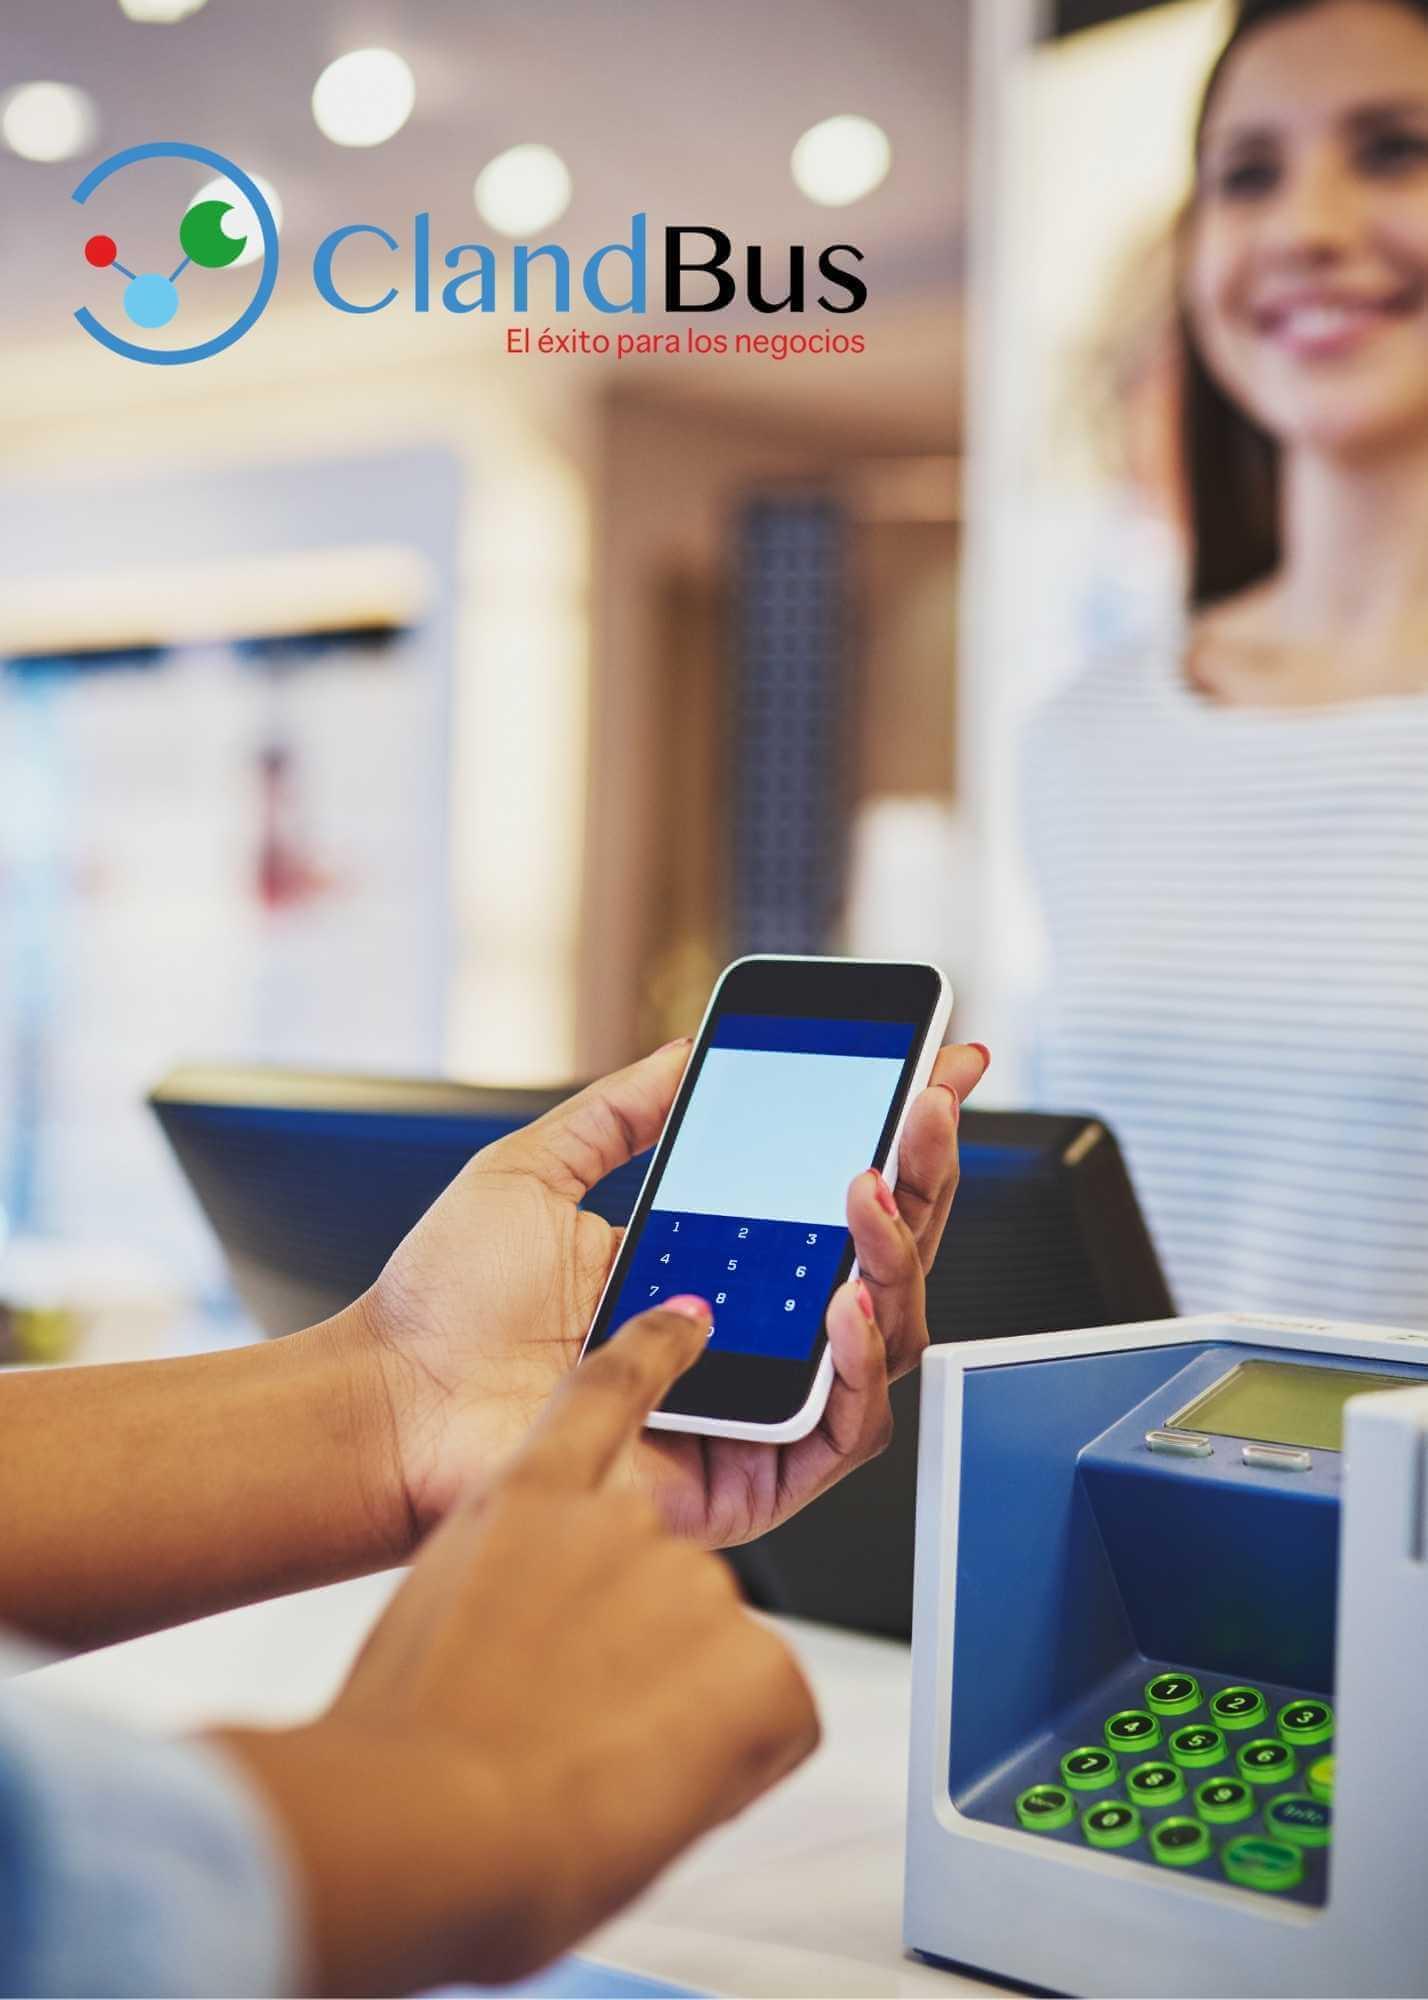 ERP Punto de Venta - Conectividad con punto de venta y pagos desde celular para logra una buena experiecia de cliente con Acumatica y Clandbus